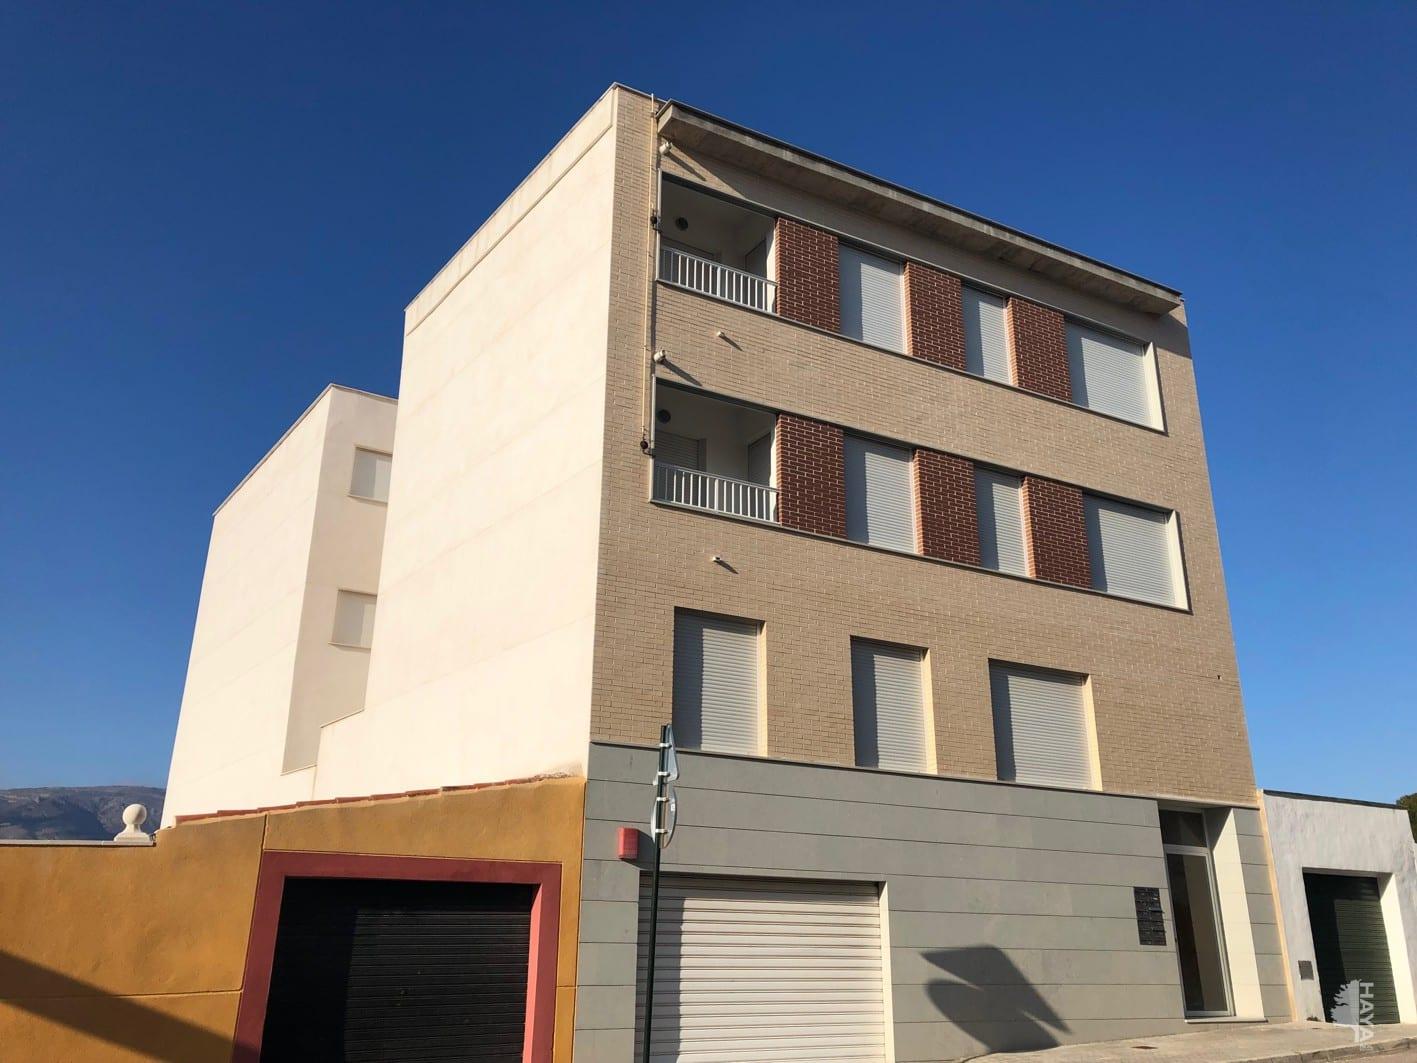 Piso en venta en Viaducte, Alcoy/alcoi, Alicante, Calle Sant Joan de Ribera, 68.000 €, 2 habitaciones, 1 baño, 69 m2